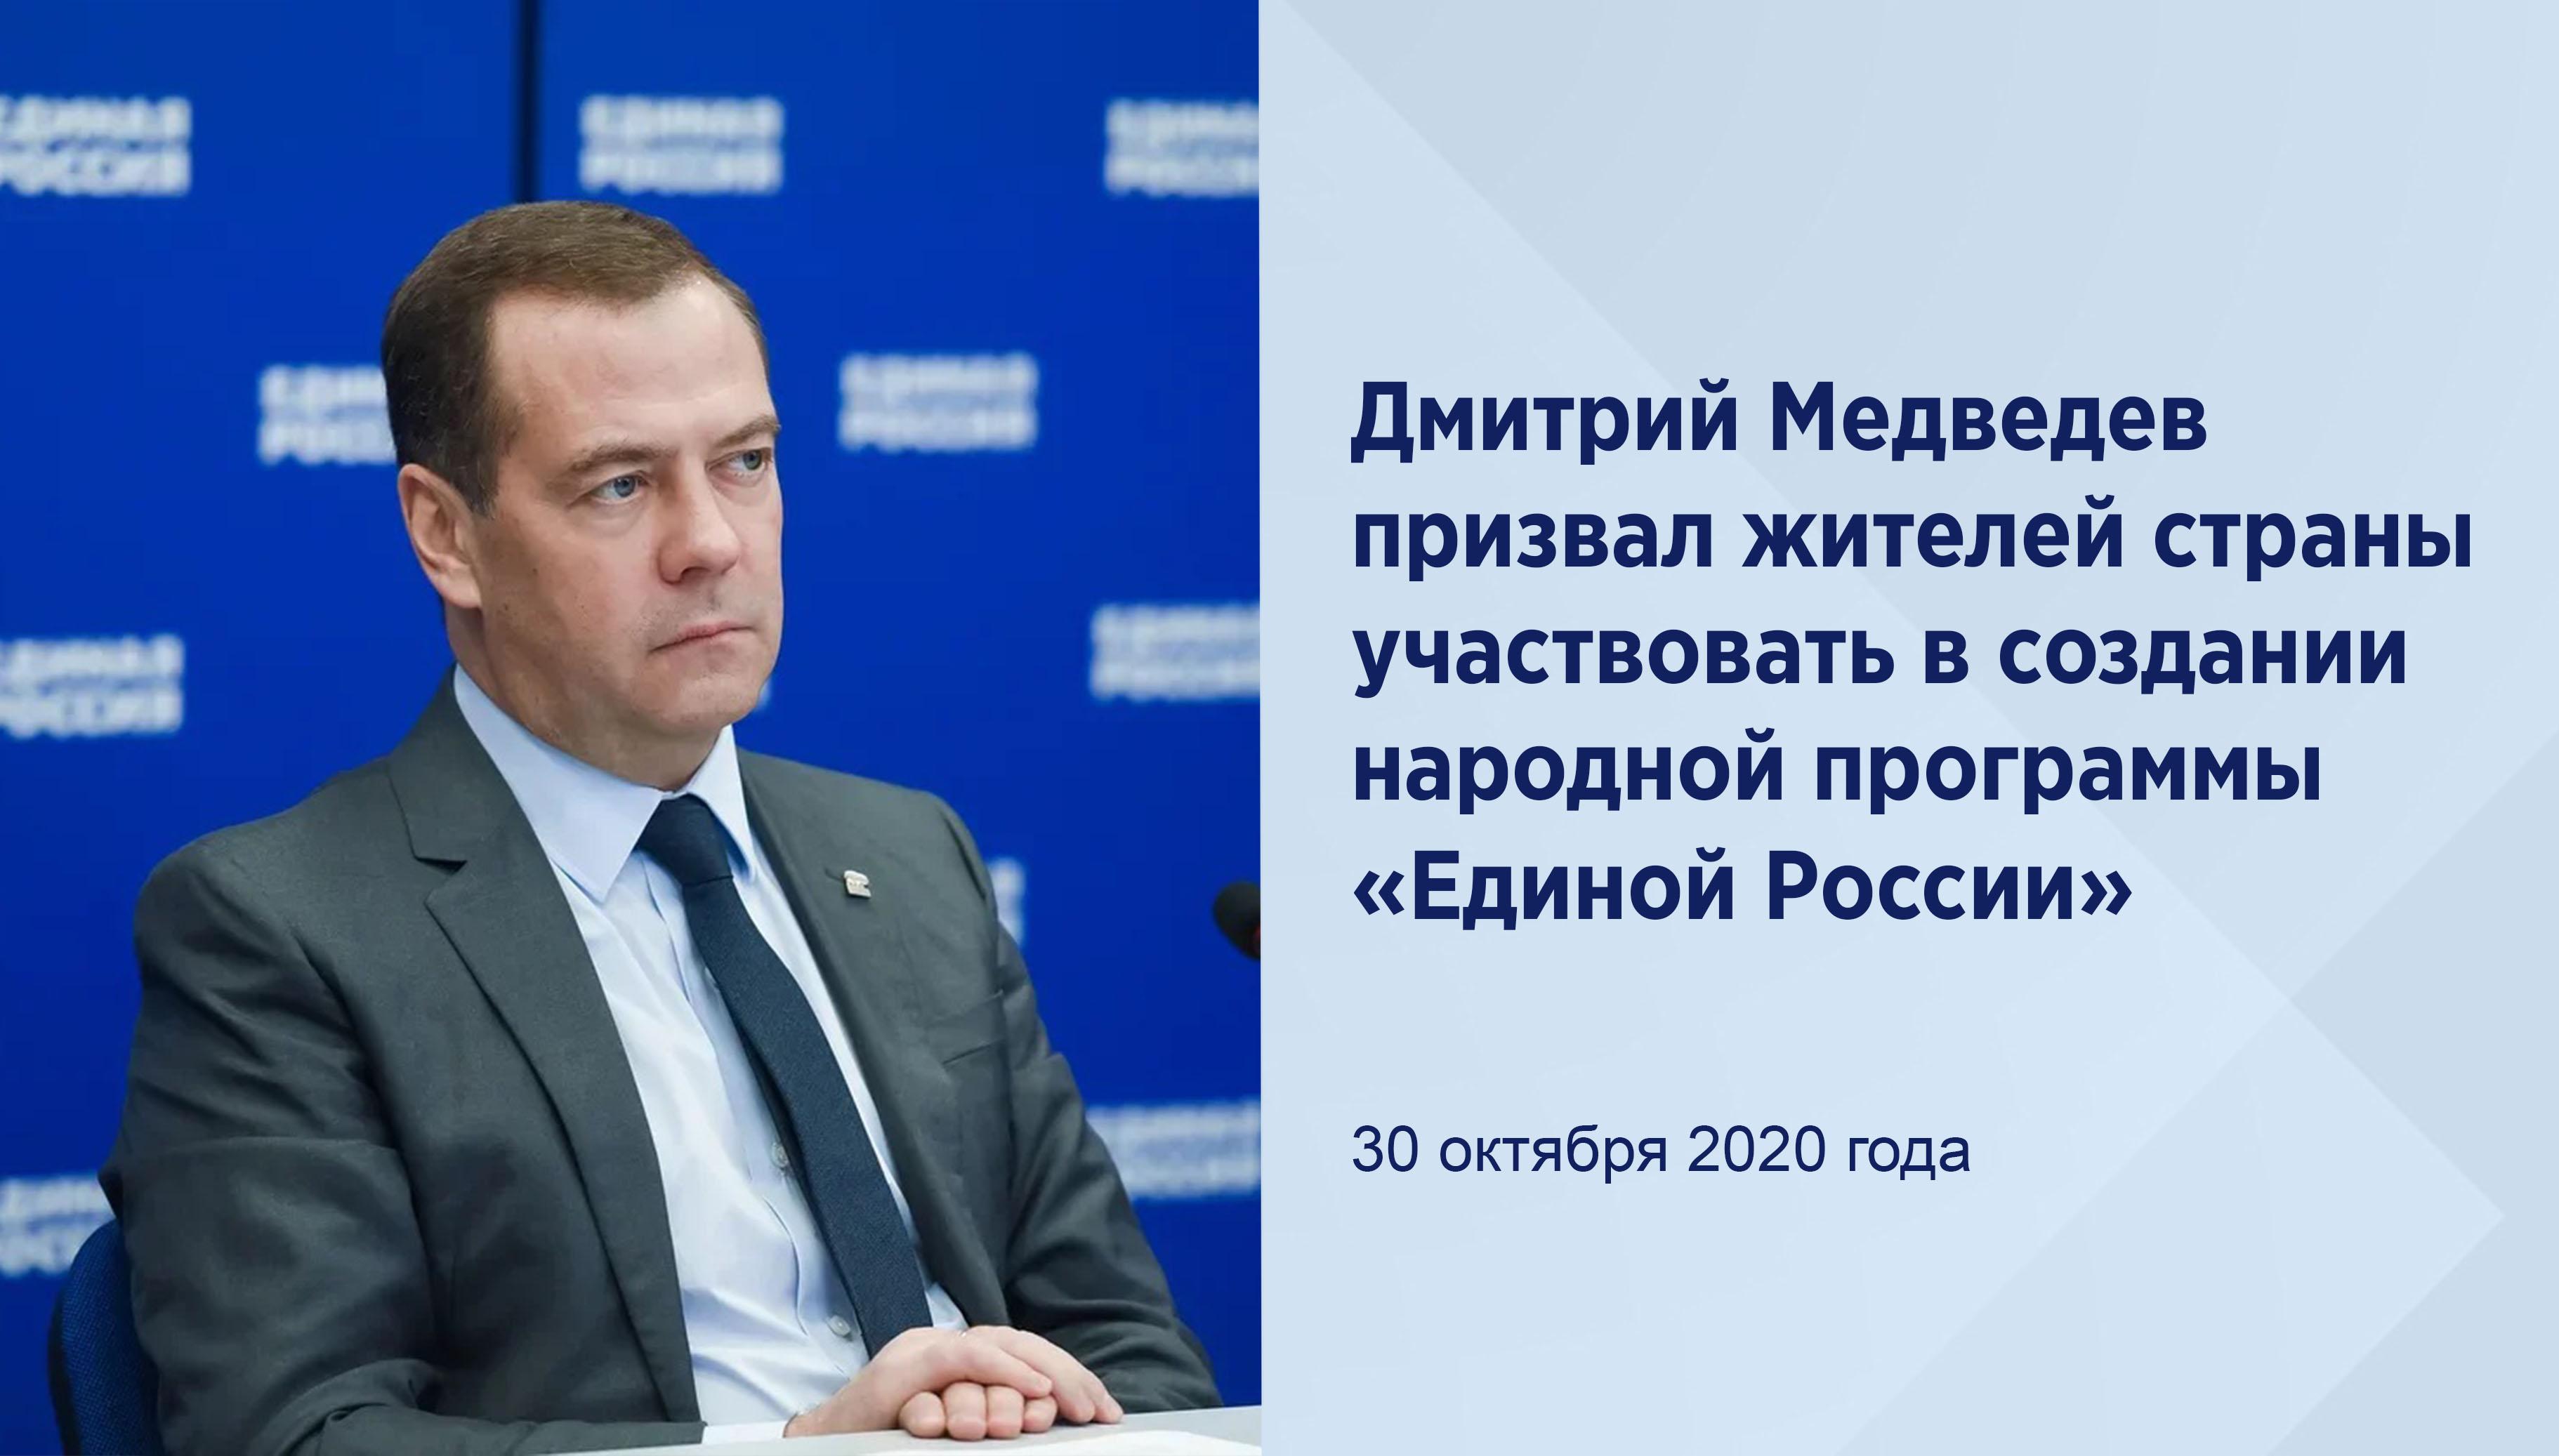 Дмитрий Медведев призвал жителей страны участвовать в создании народной программы «Единой России»